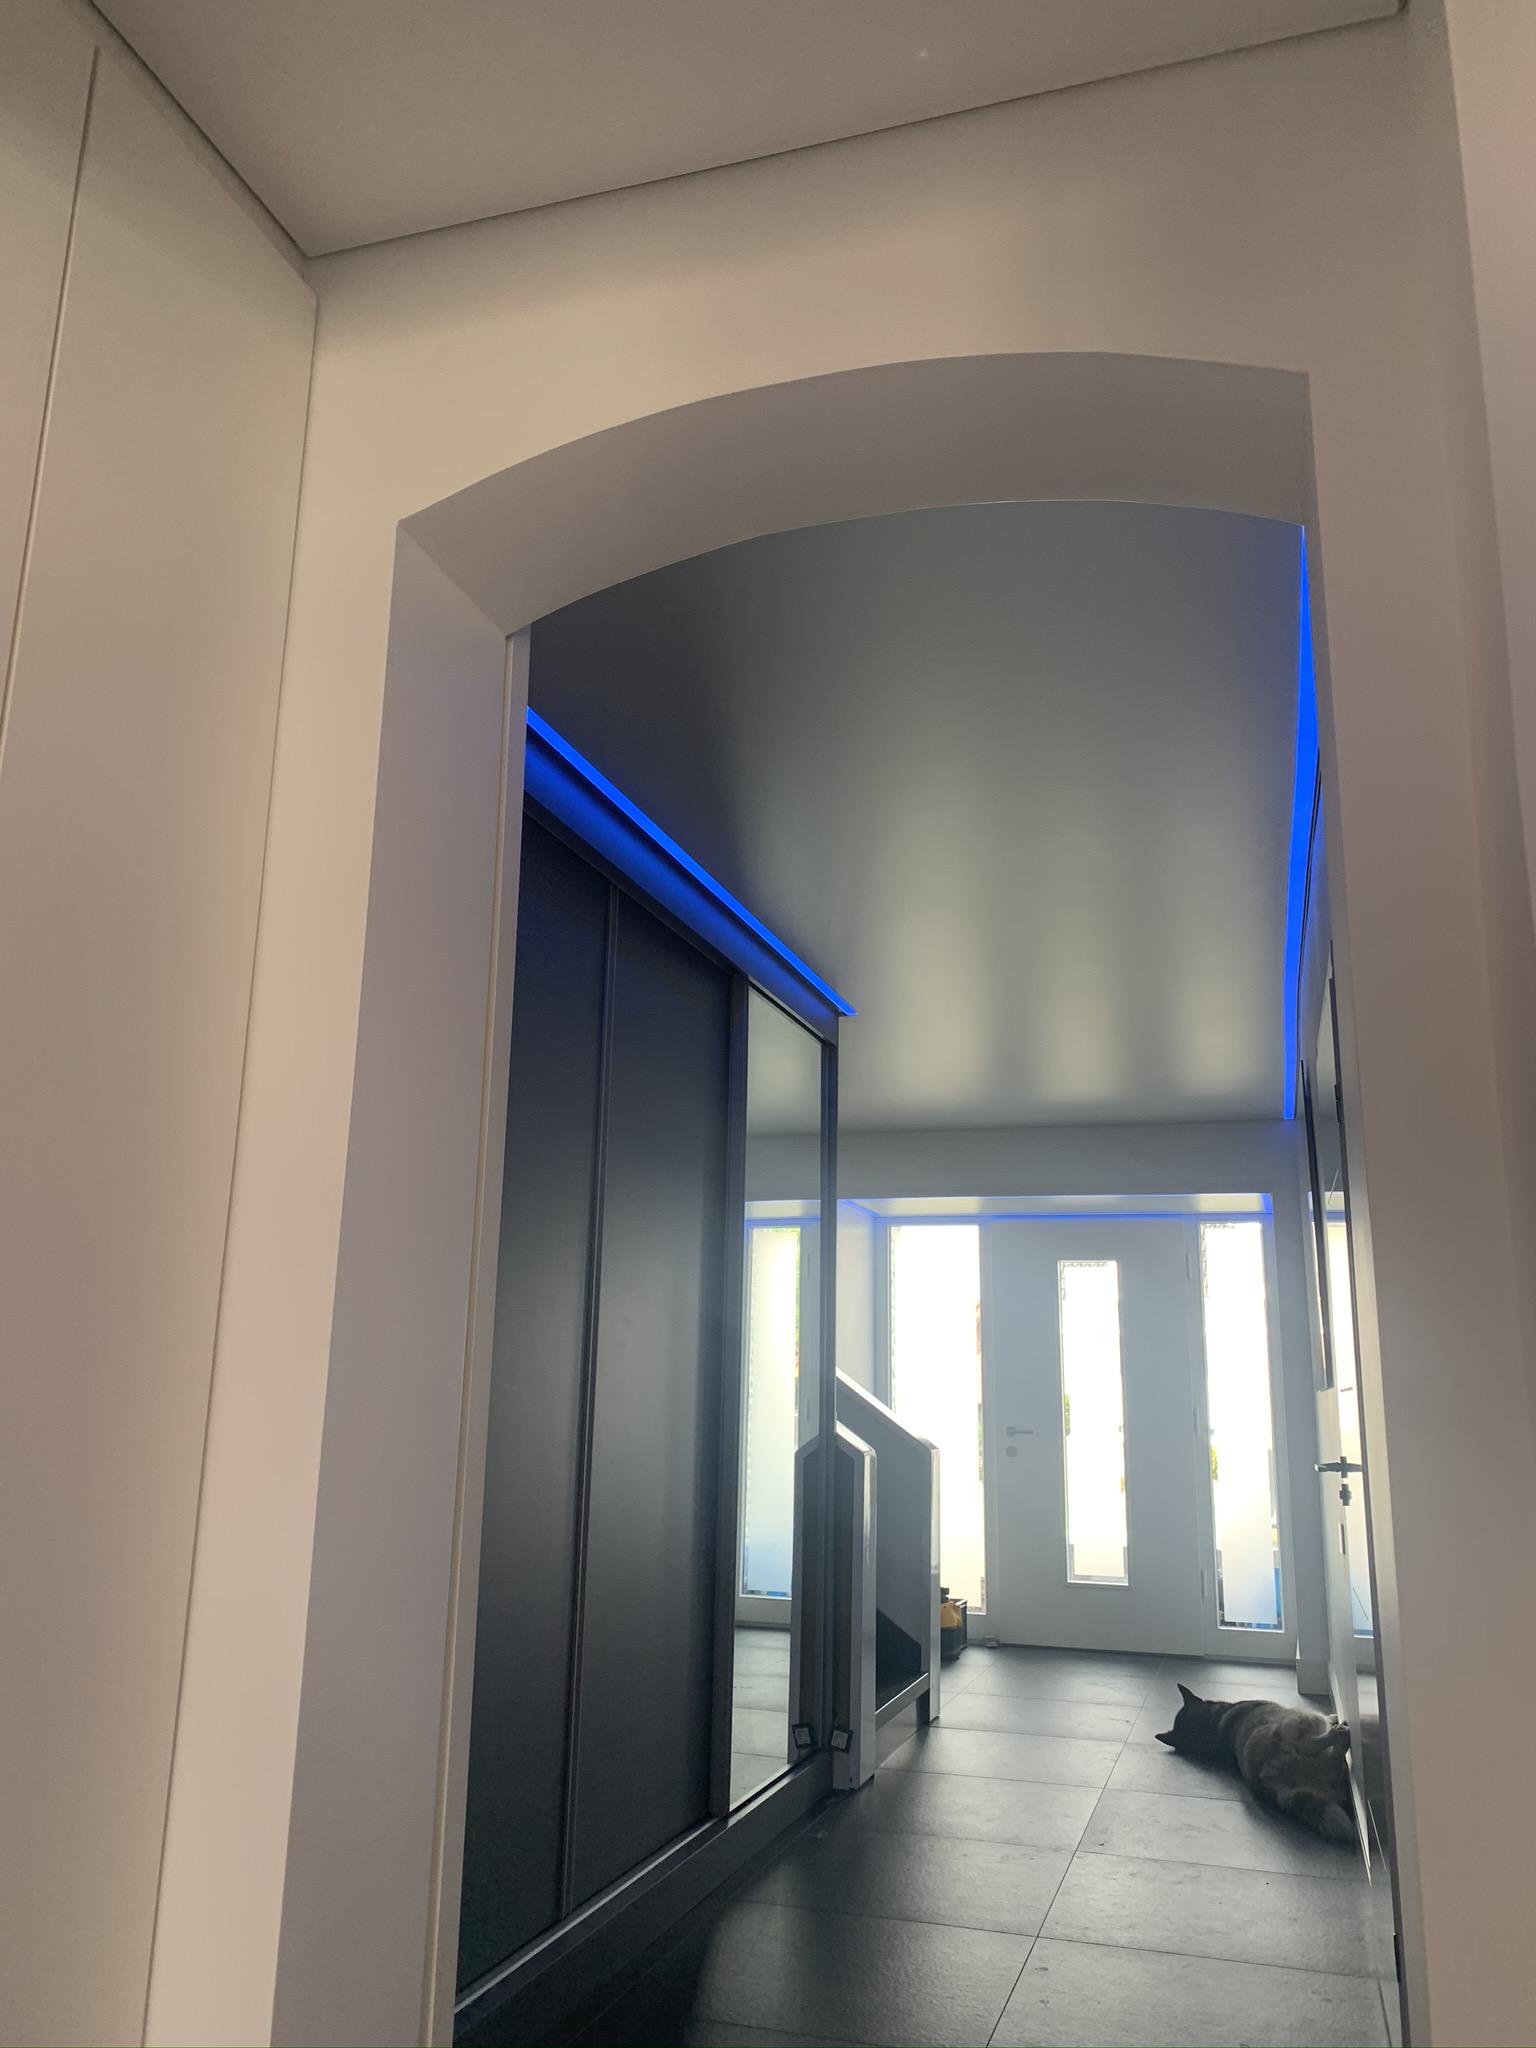 gekleurde LED verlichting verwerkt in uw plafond